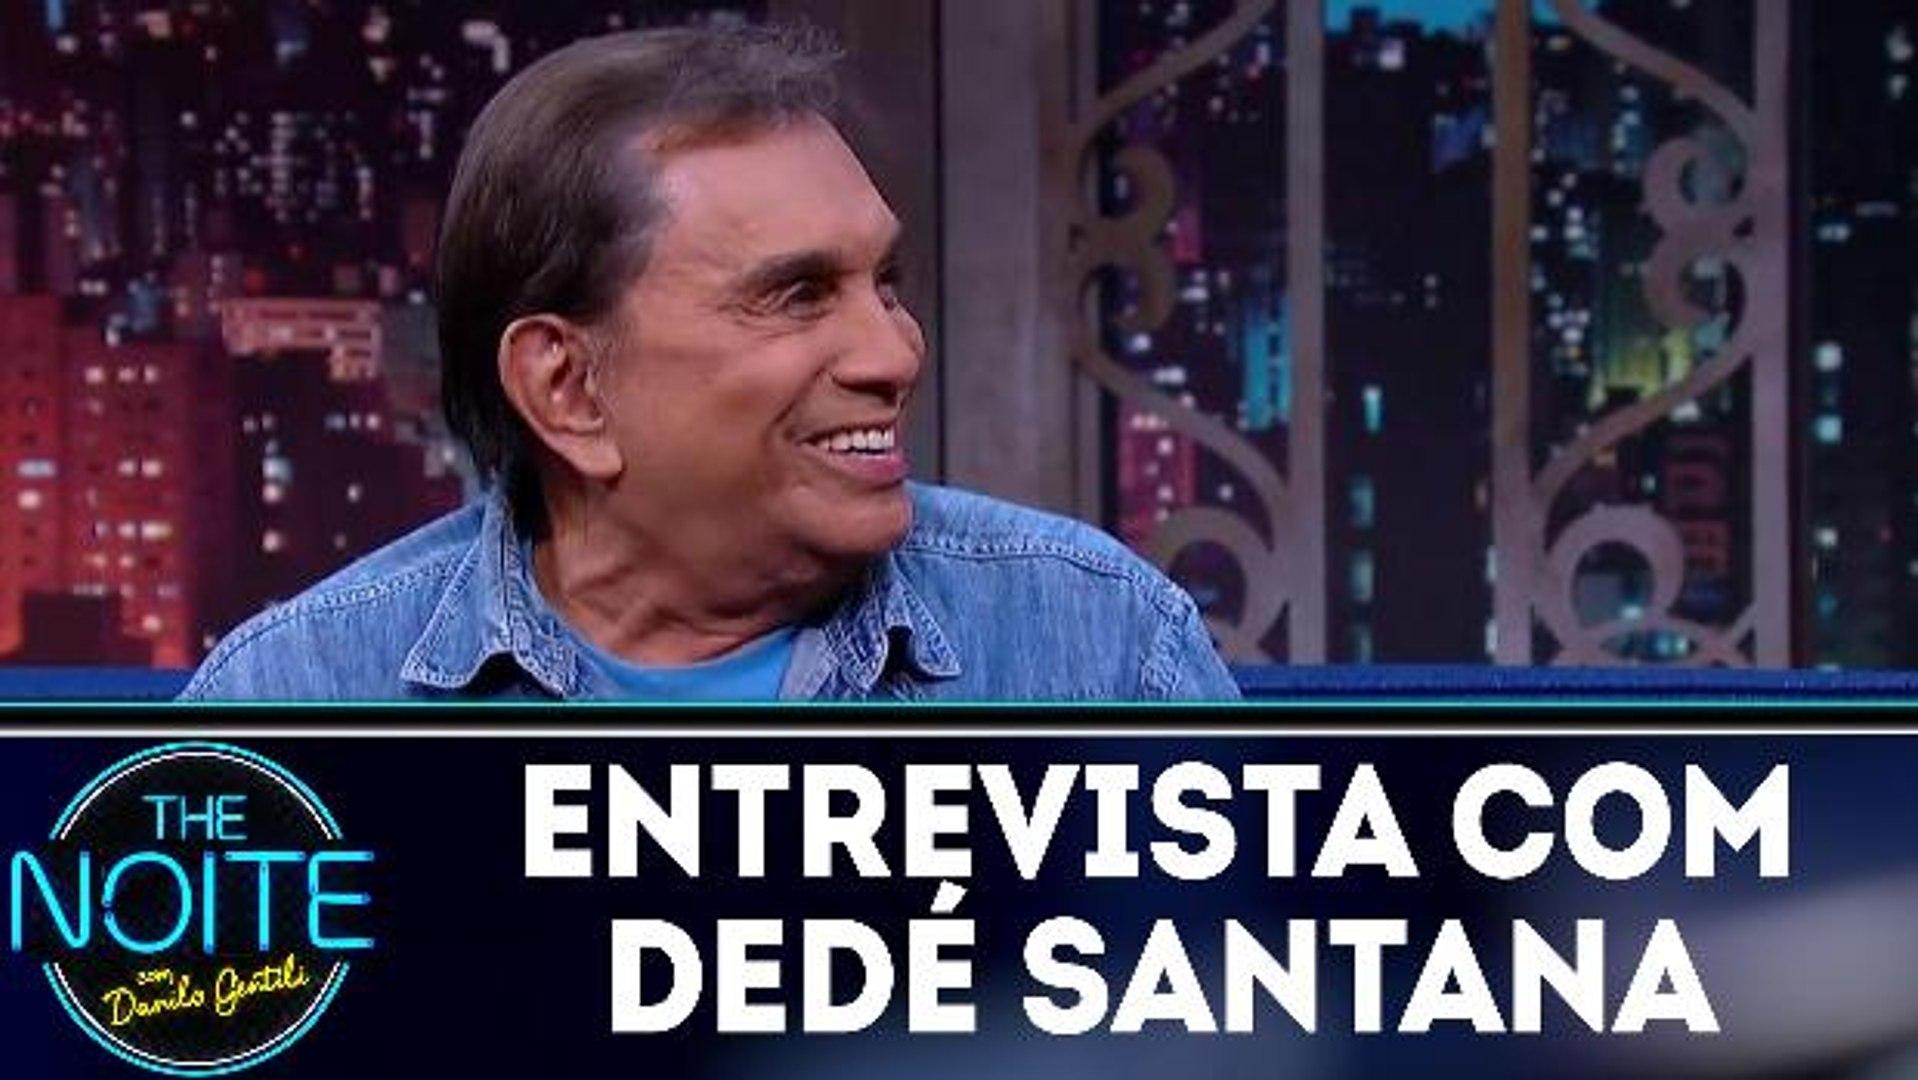 Entrevista com Dedé Santana